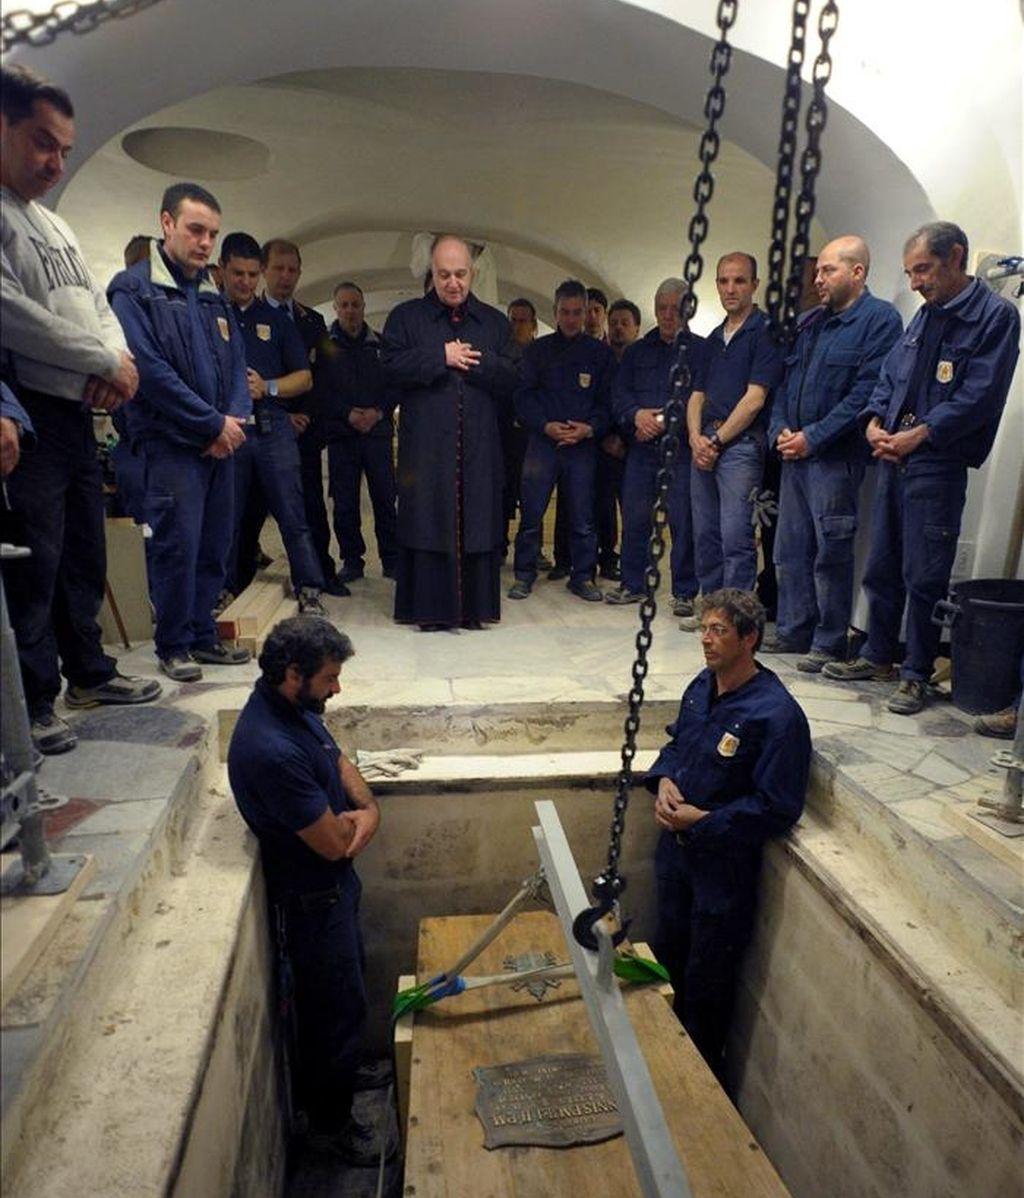 El féretro con el cuerpo del Papa Juan Pablo II, exhumado en el Vaticano antes de su beatificación el próximo 1 de mayo de 2011. EFE